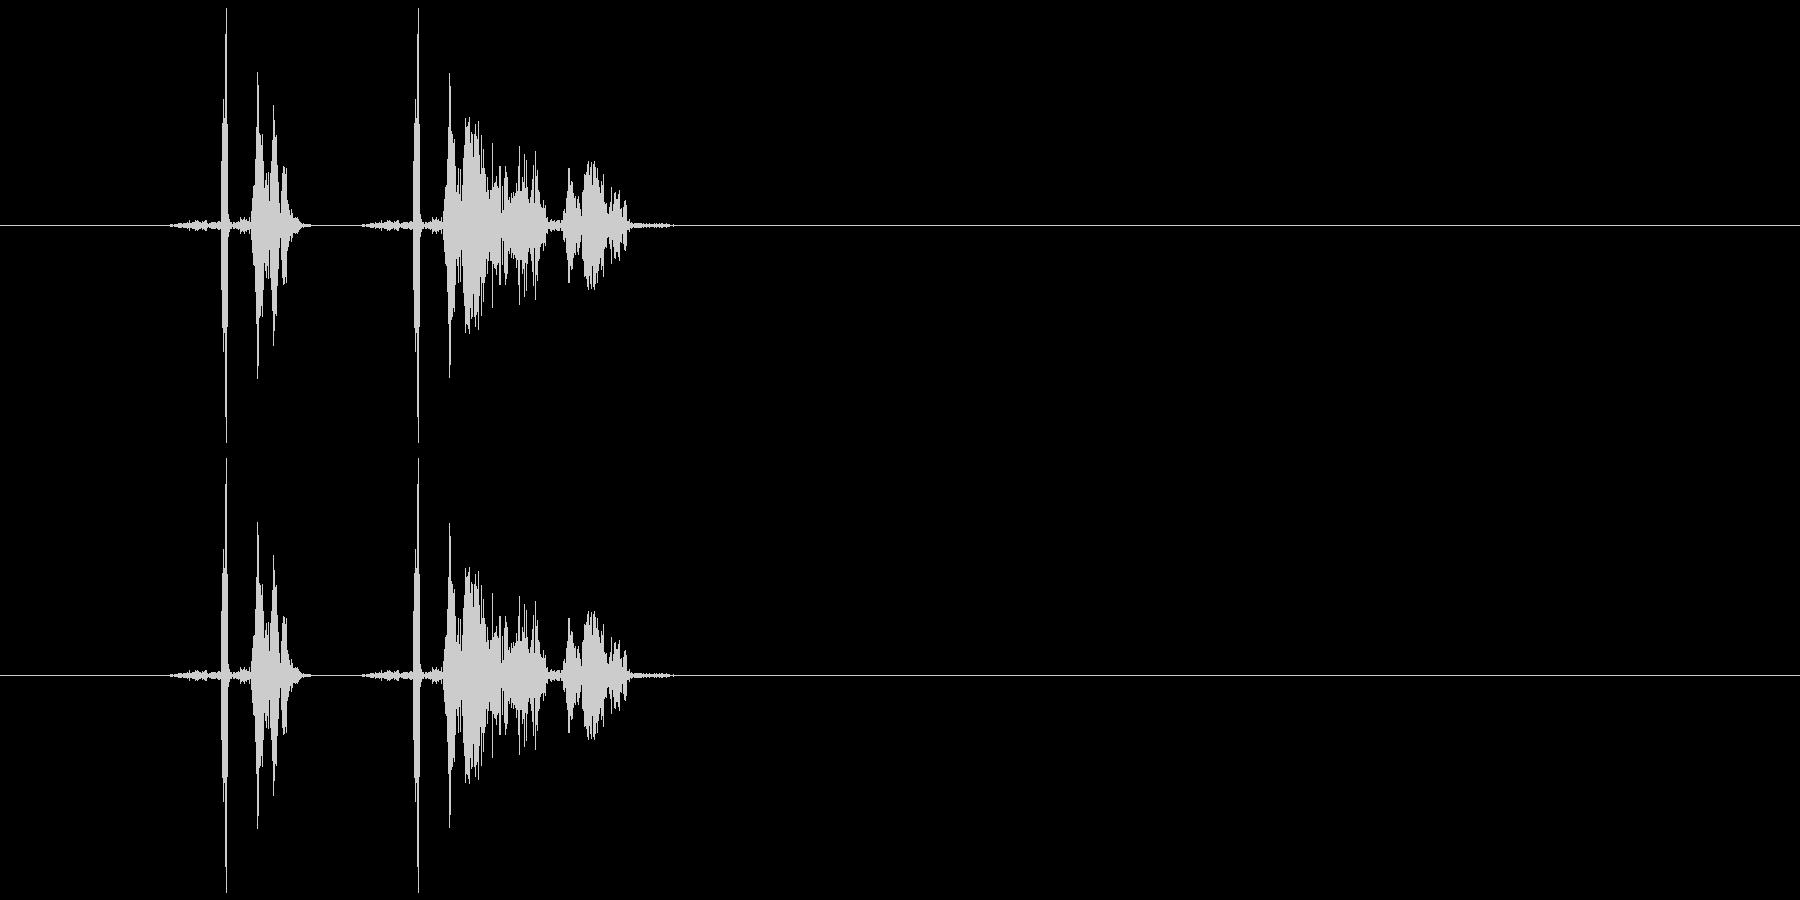 チッ!ボタン音の未再生の波形